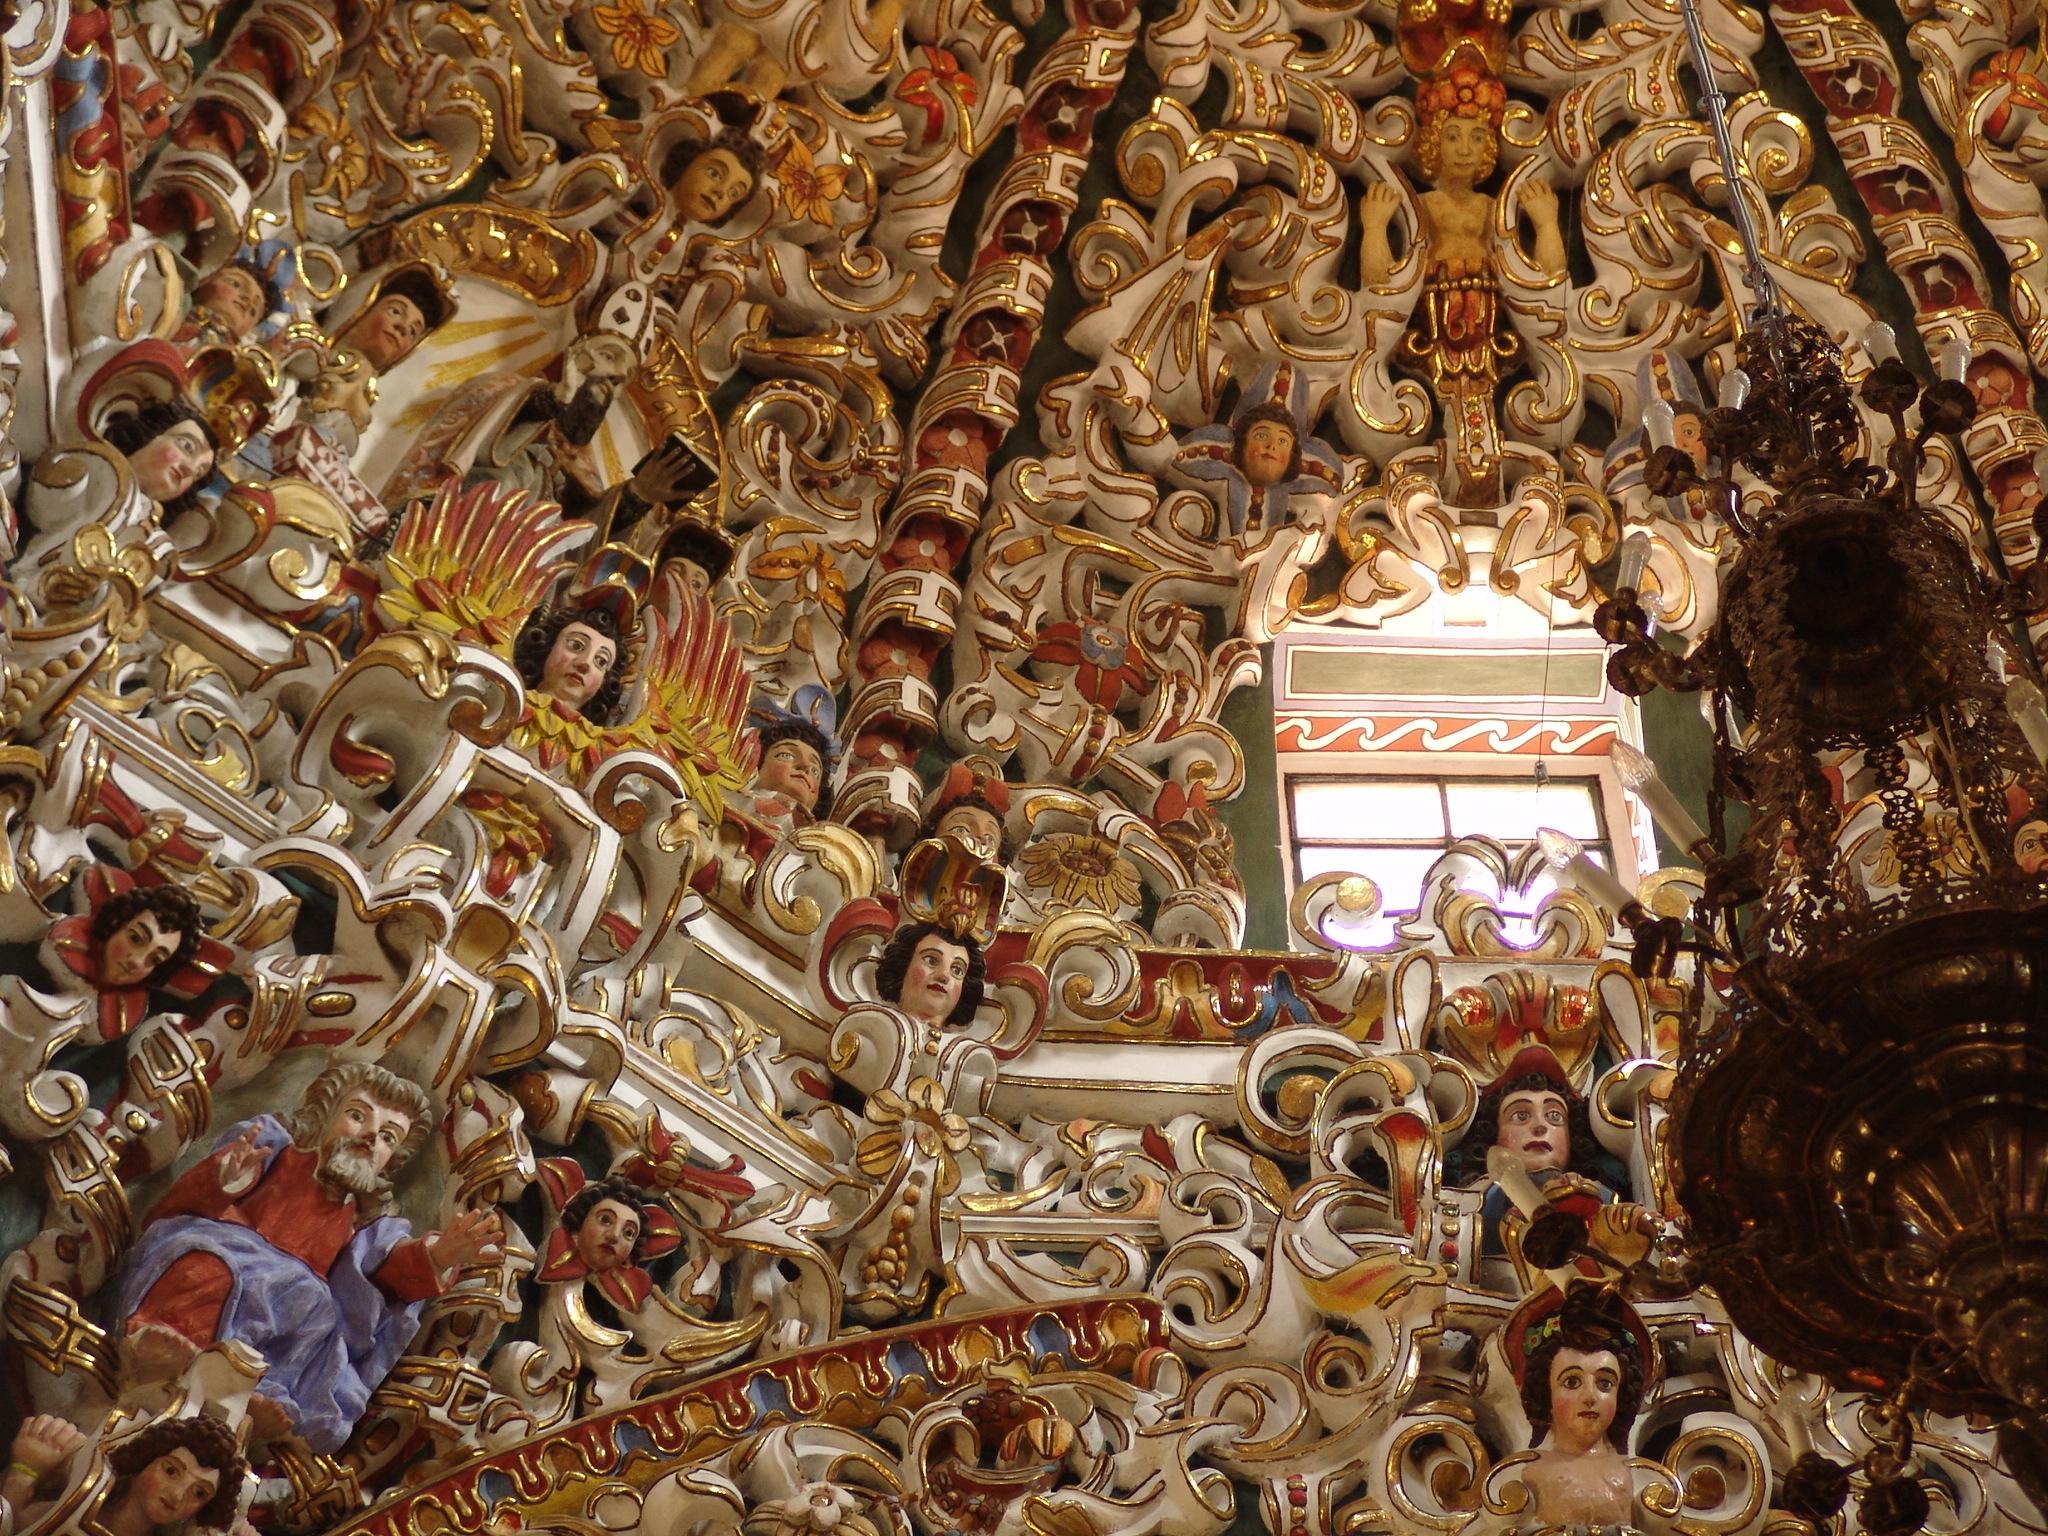 Cholula: iglesias, flores y gran pirámide | ESTUDIO GISELLE HABIBI